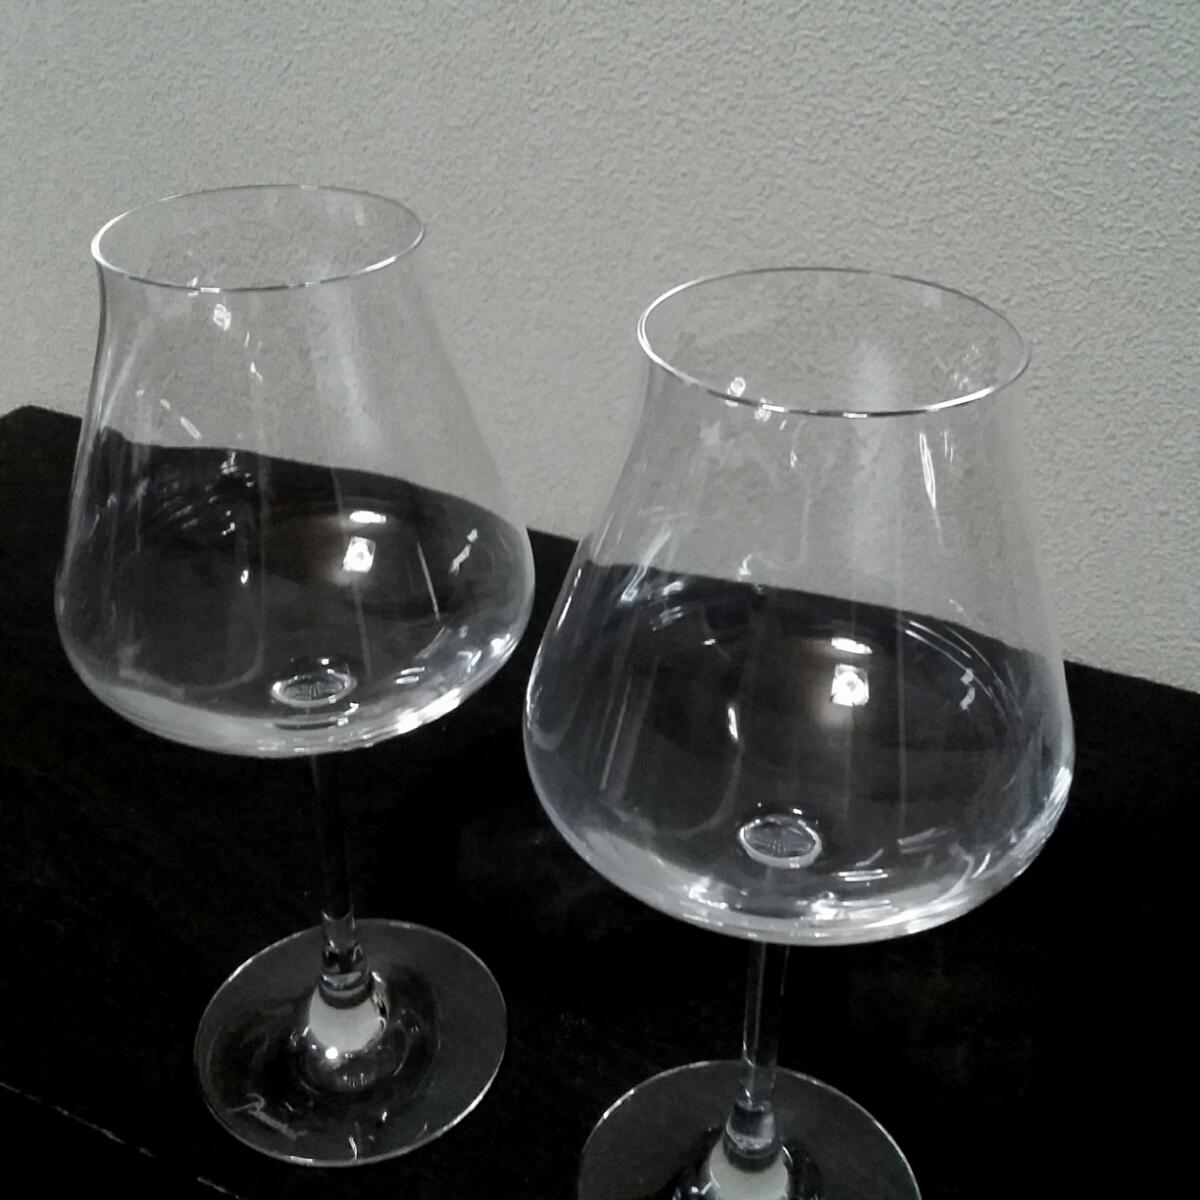 バカラ Baccarat シャトーバカラ ワイングラスS ペア 2客 未使用 保管品 美品_画像2